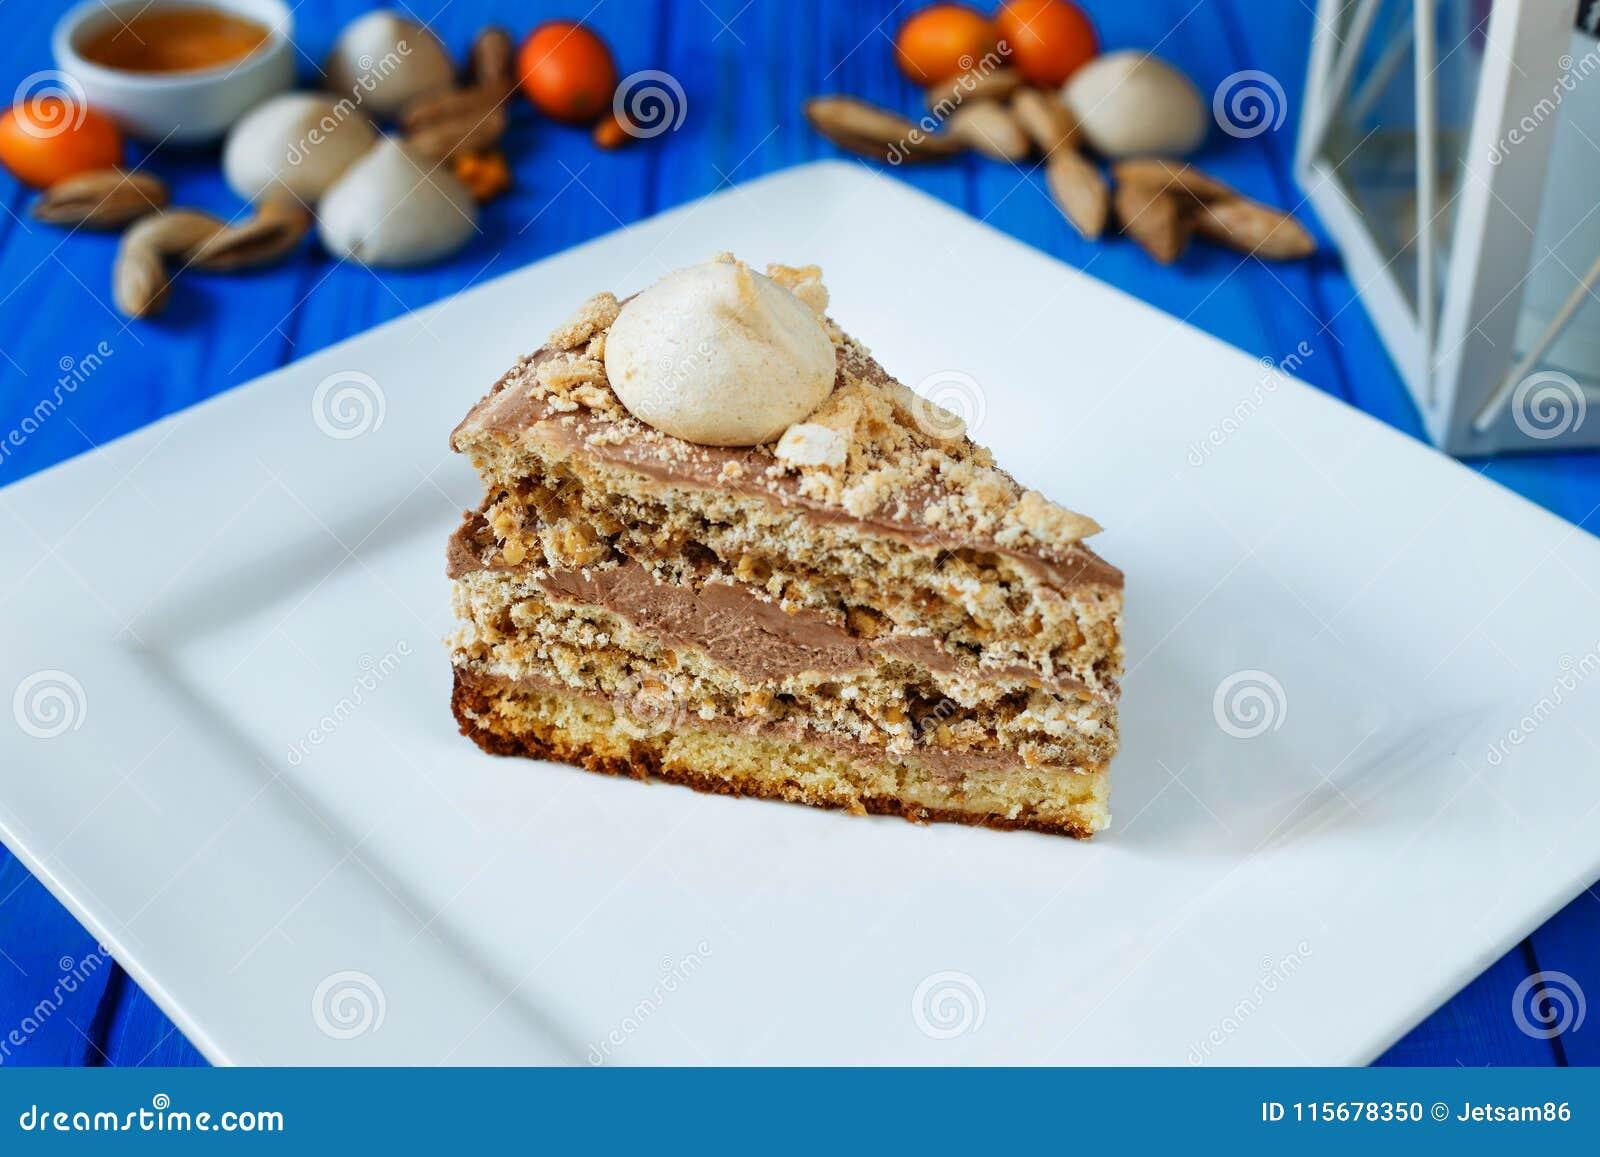 La torta del merengue con las avellanas y el caramelo untan con mantequilla la crema